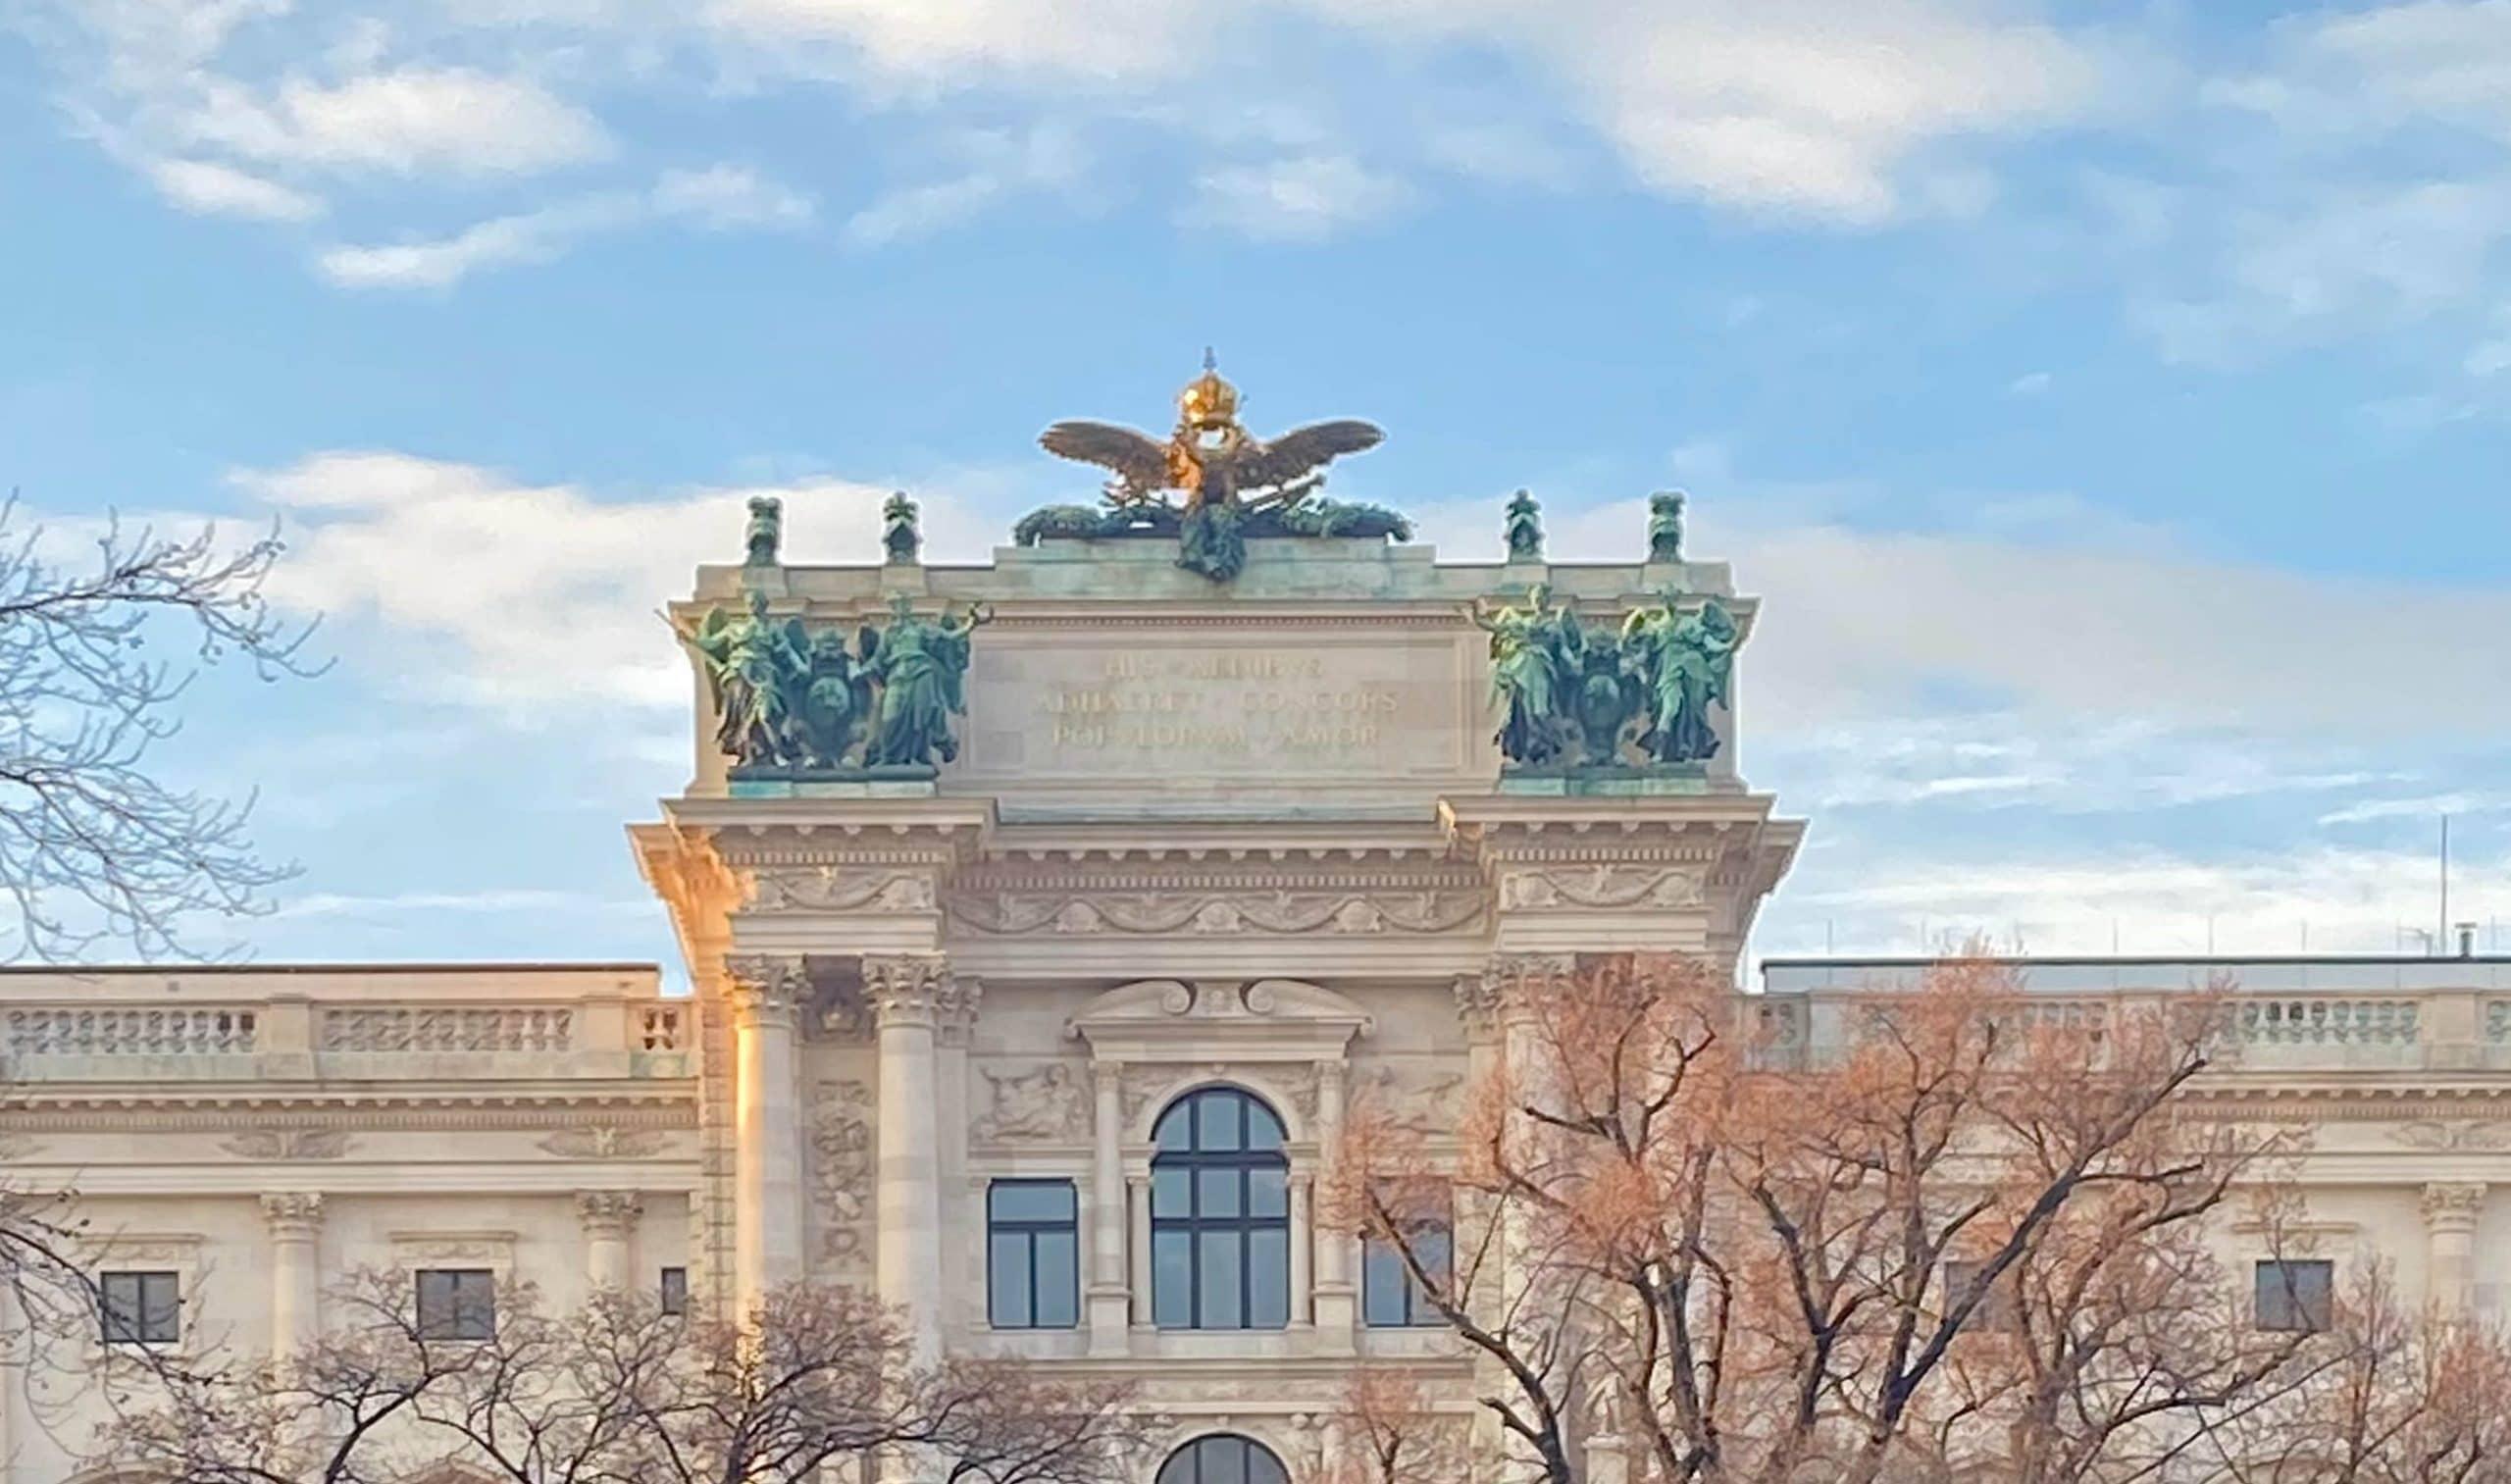 Diskursforscherin Ruth Wodak aus Wien verweist auf den neuen Corona Wortschatz mit Wörtern wie Maskenpflicht oder Kontaktsperre in Österreich und Europa.